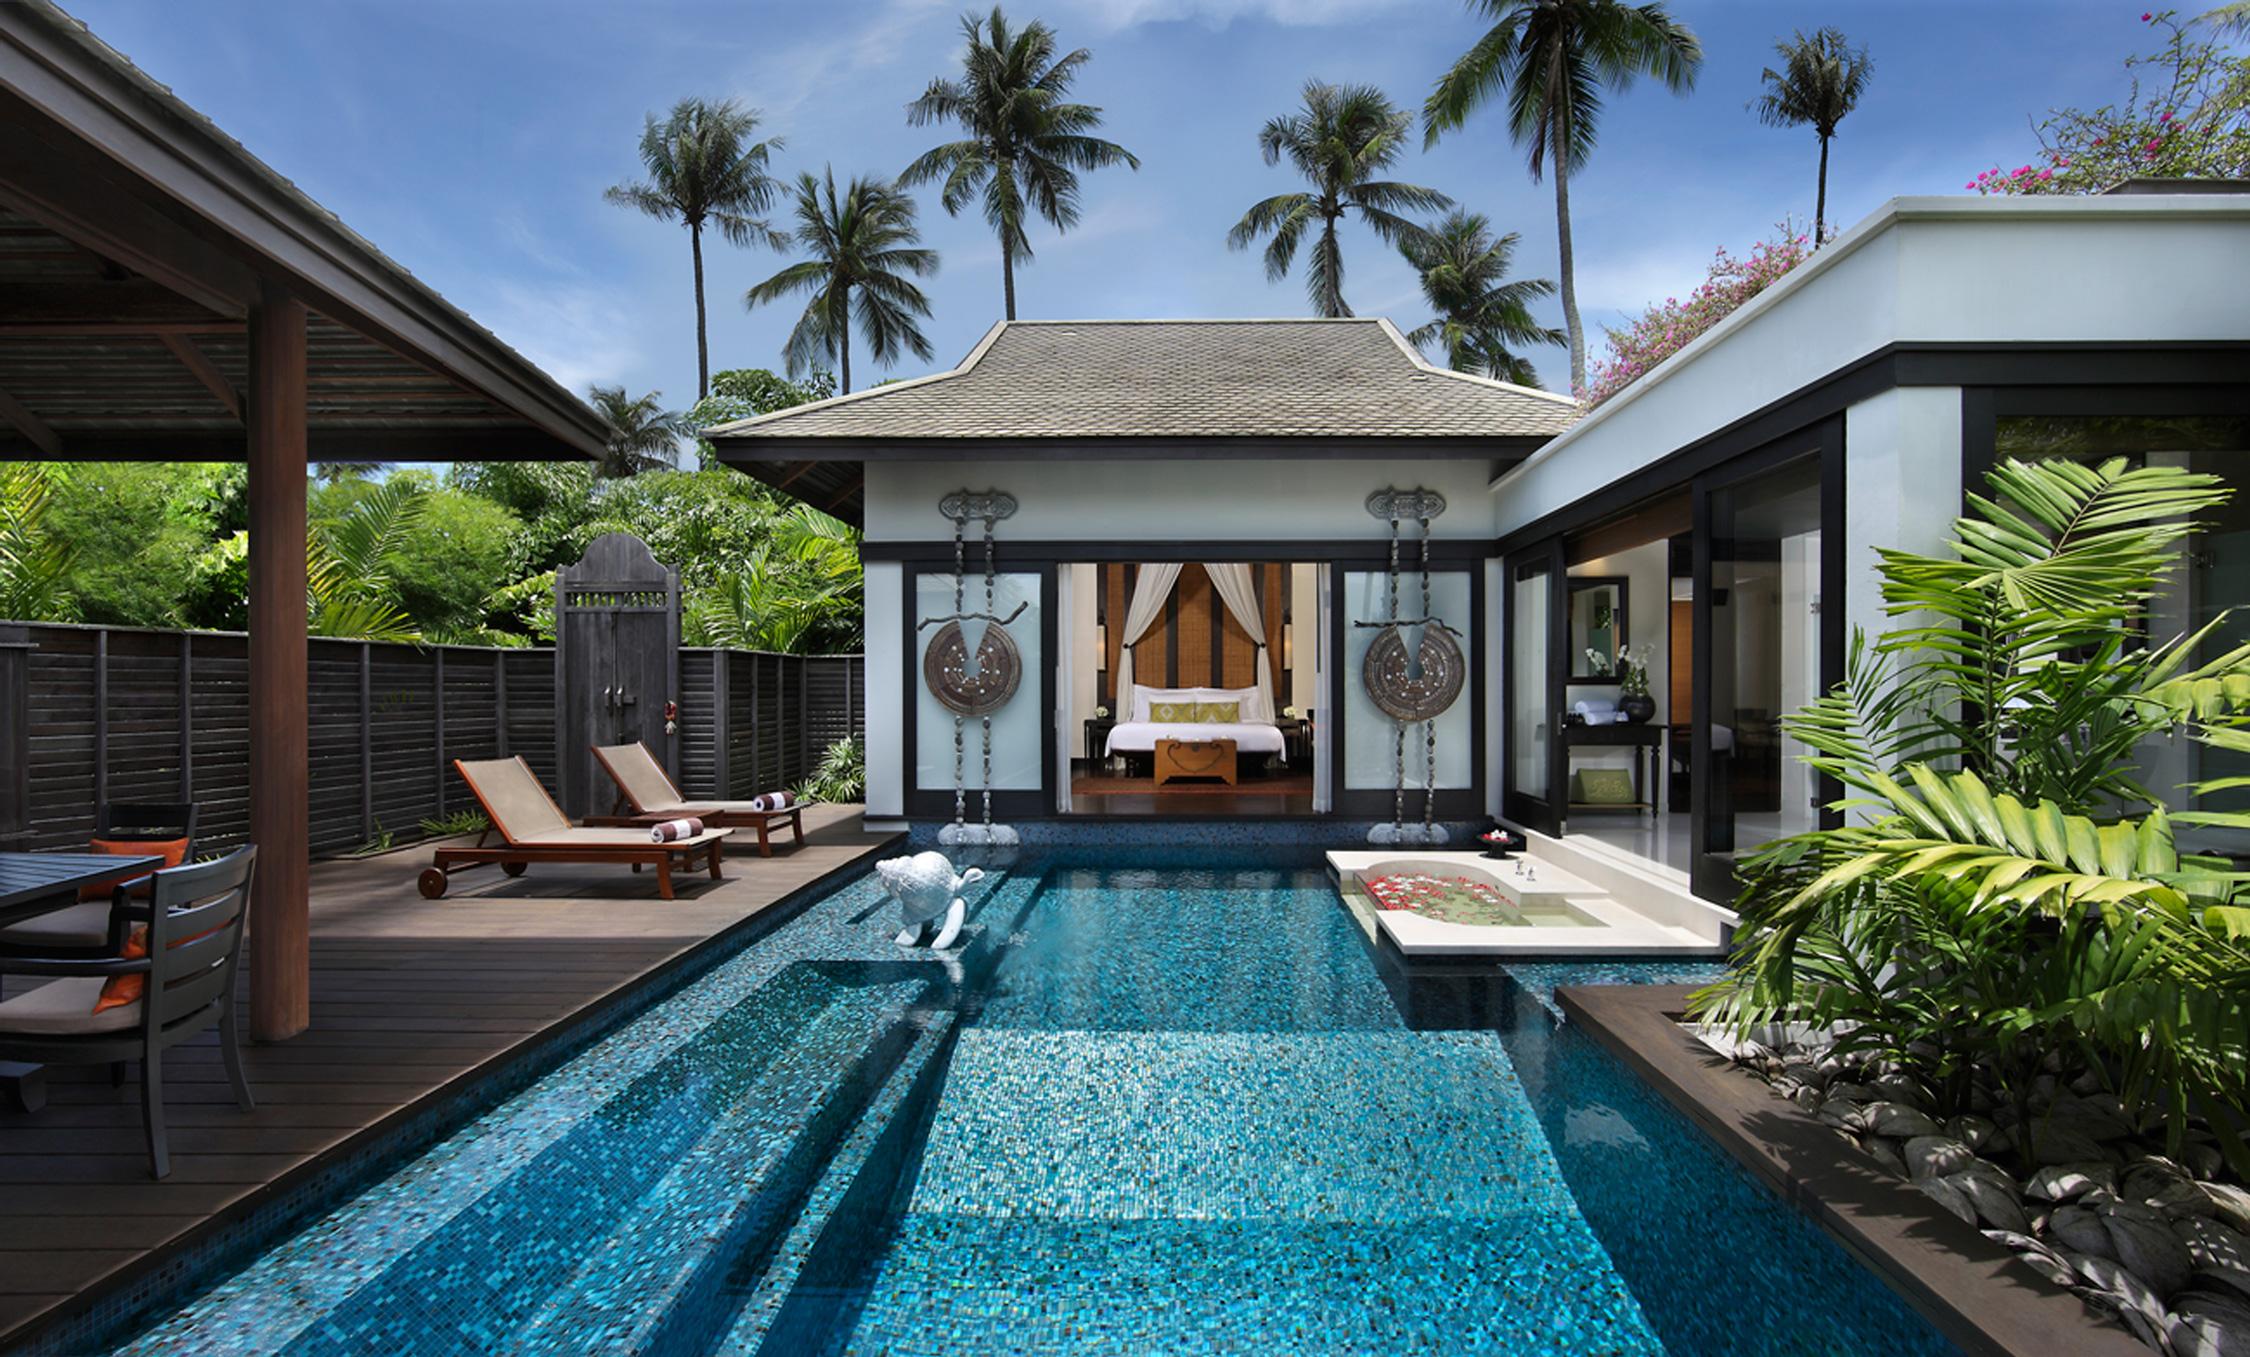 5 bons plans idiliz maldives tha lande zanzibar chypre jama que d lices - Villa de reve pineapple jamaique ...